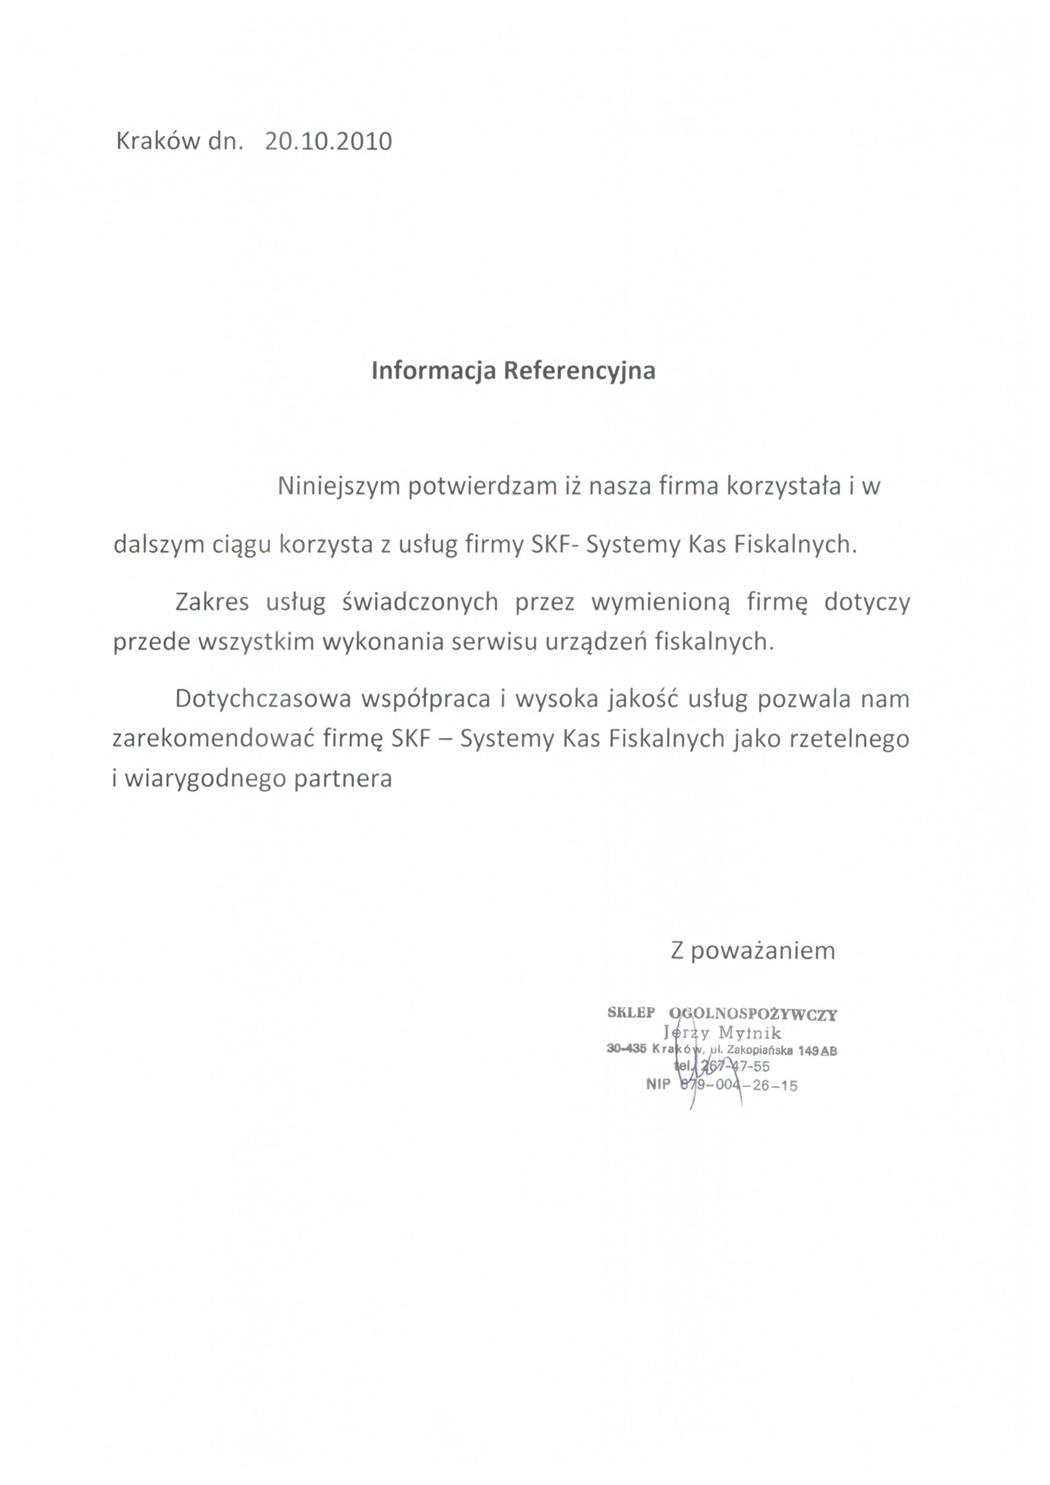 Sklep Ogólnospożywczy Jerzy Mytnik